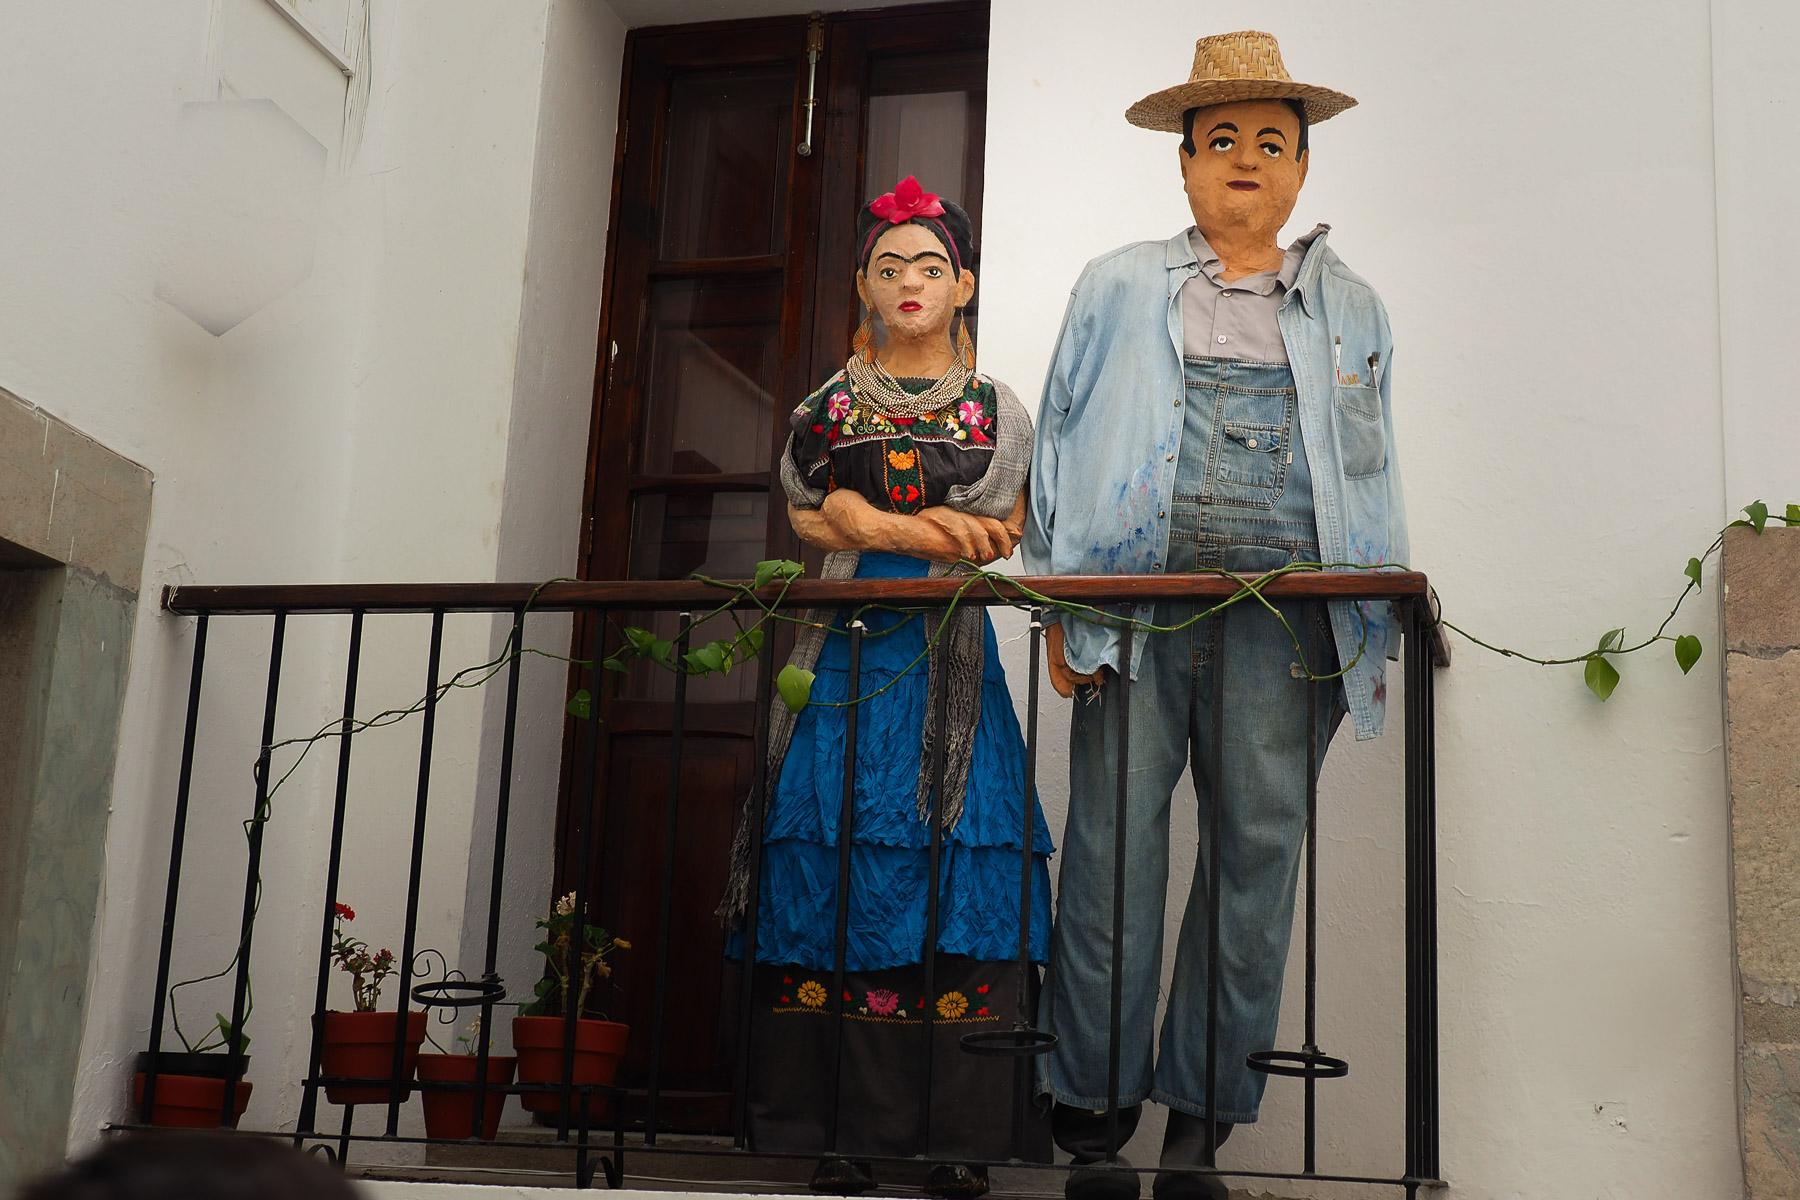 Frida Kalo und Diego Rivera im schönen Rivera Museum in Guanajuato